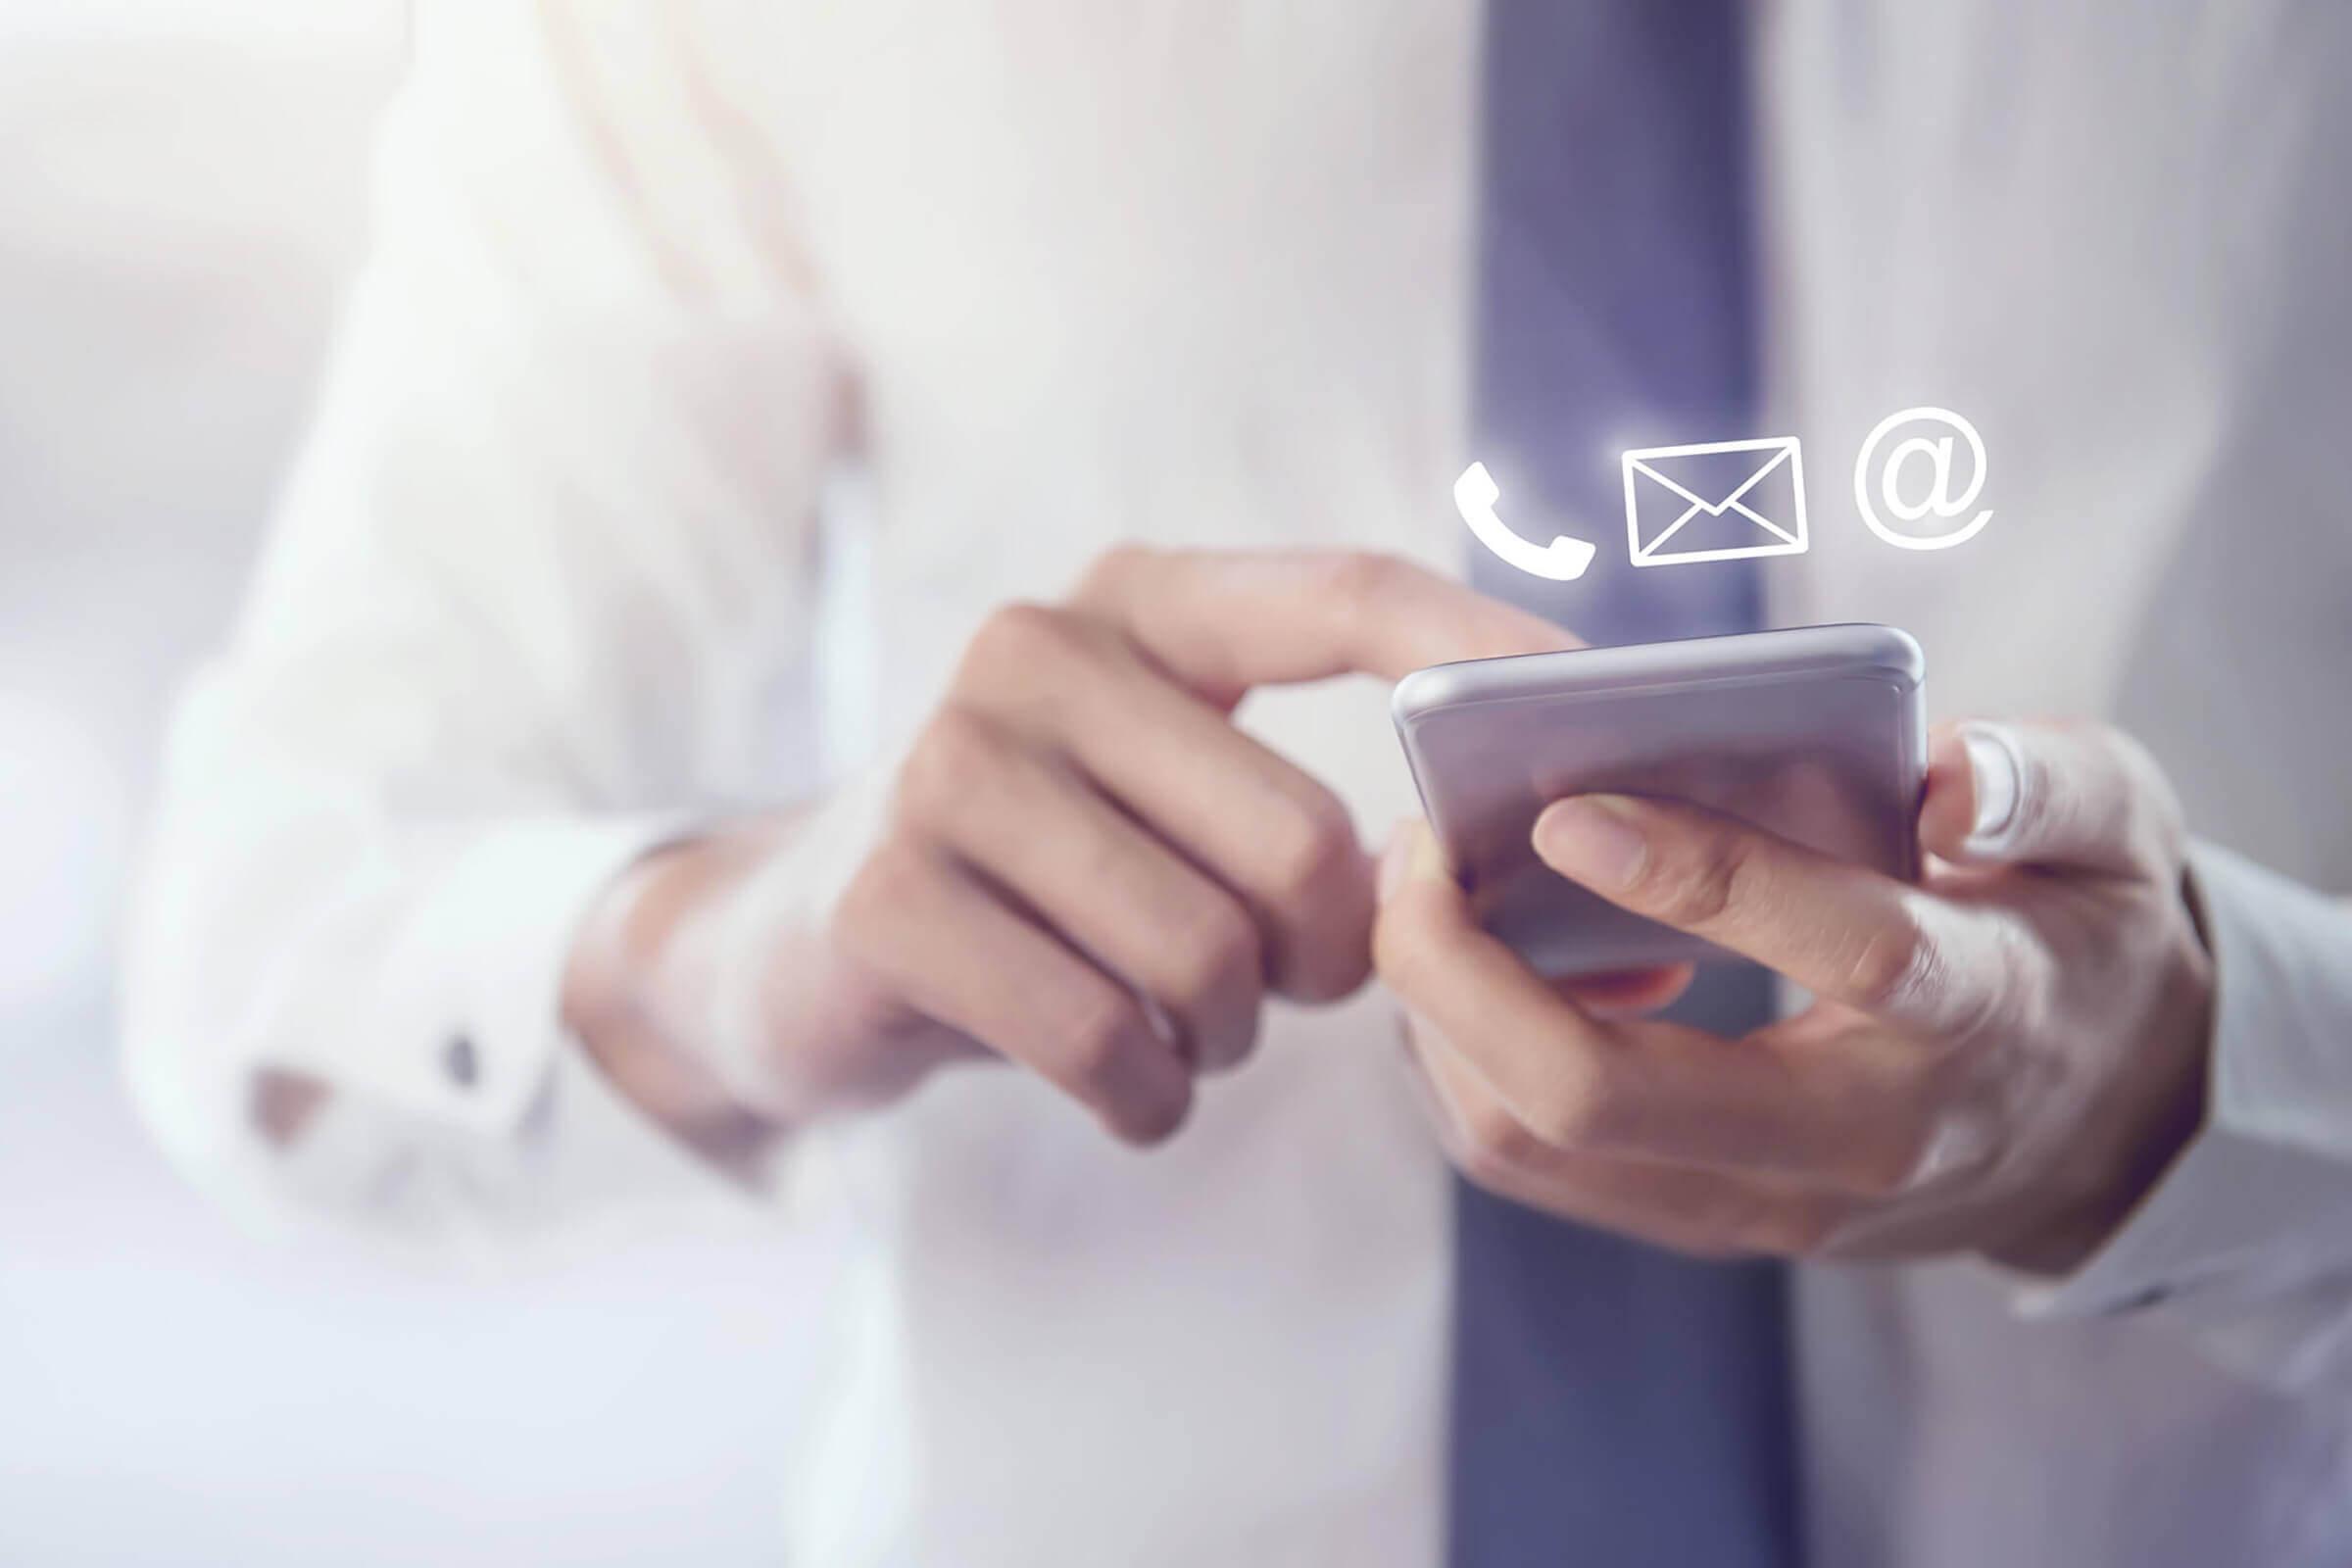 Mann zeigt auf Kontakt-Icons | MVI PROMIND GmbH